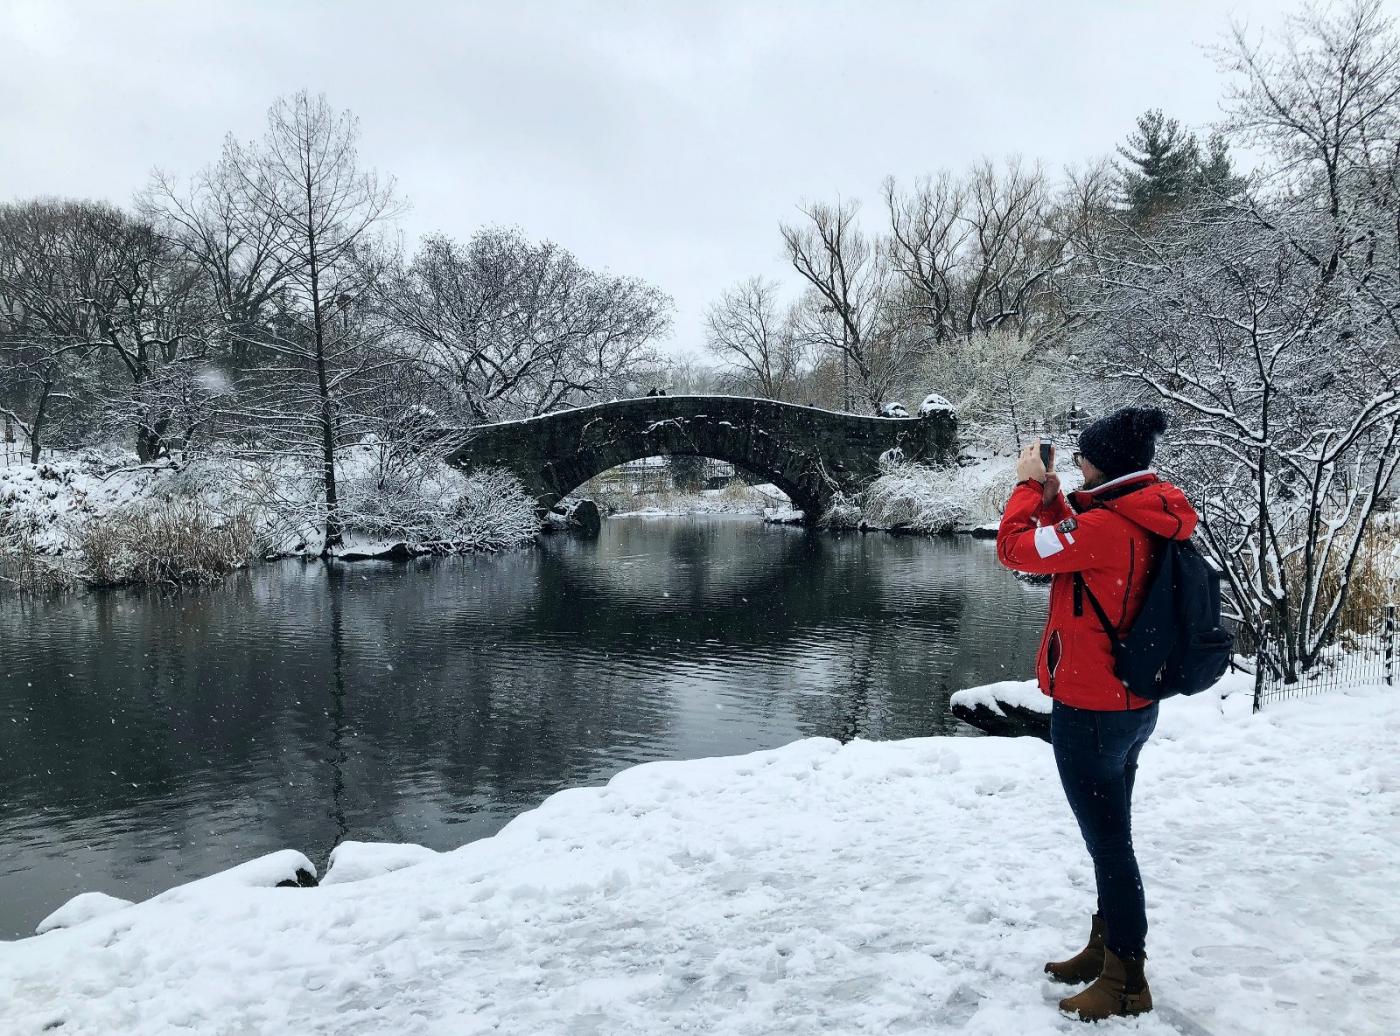 【田螺手机摄影】在纽约市拍雪景、还是中央公园最漂亮_图1-15